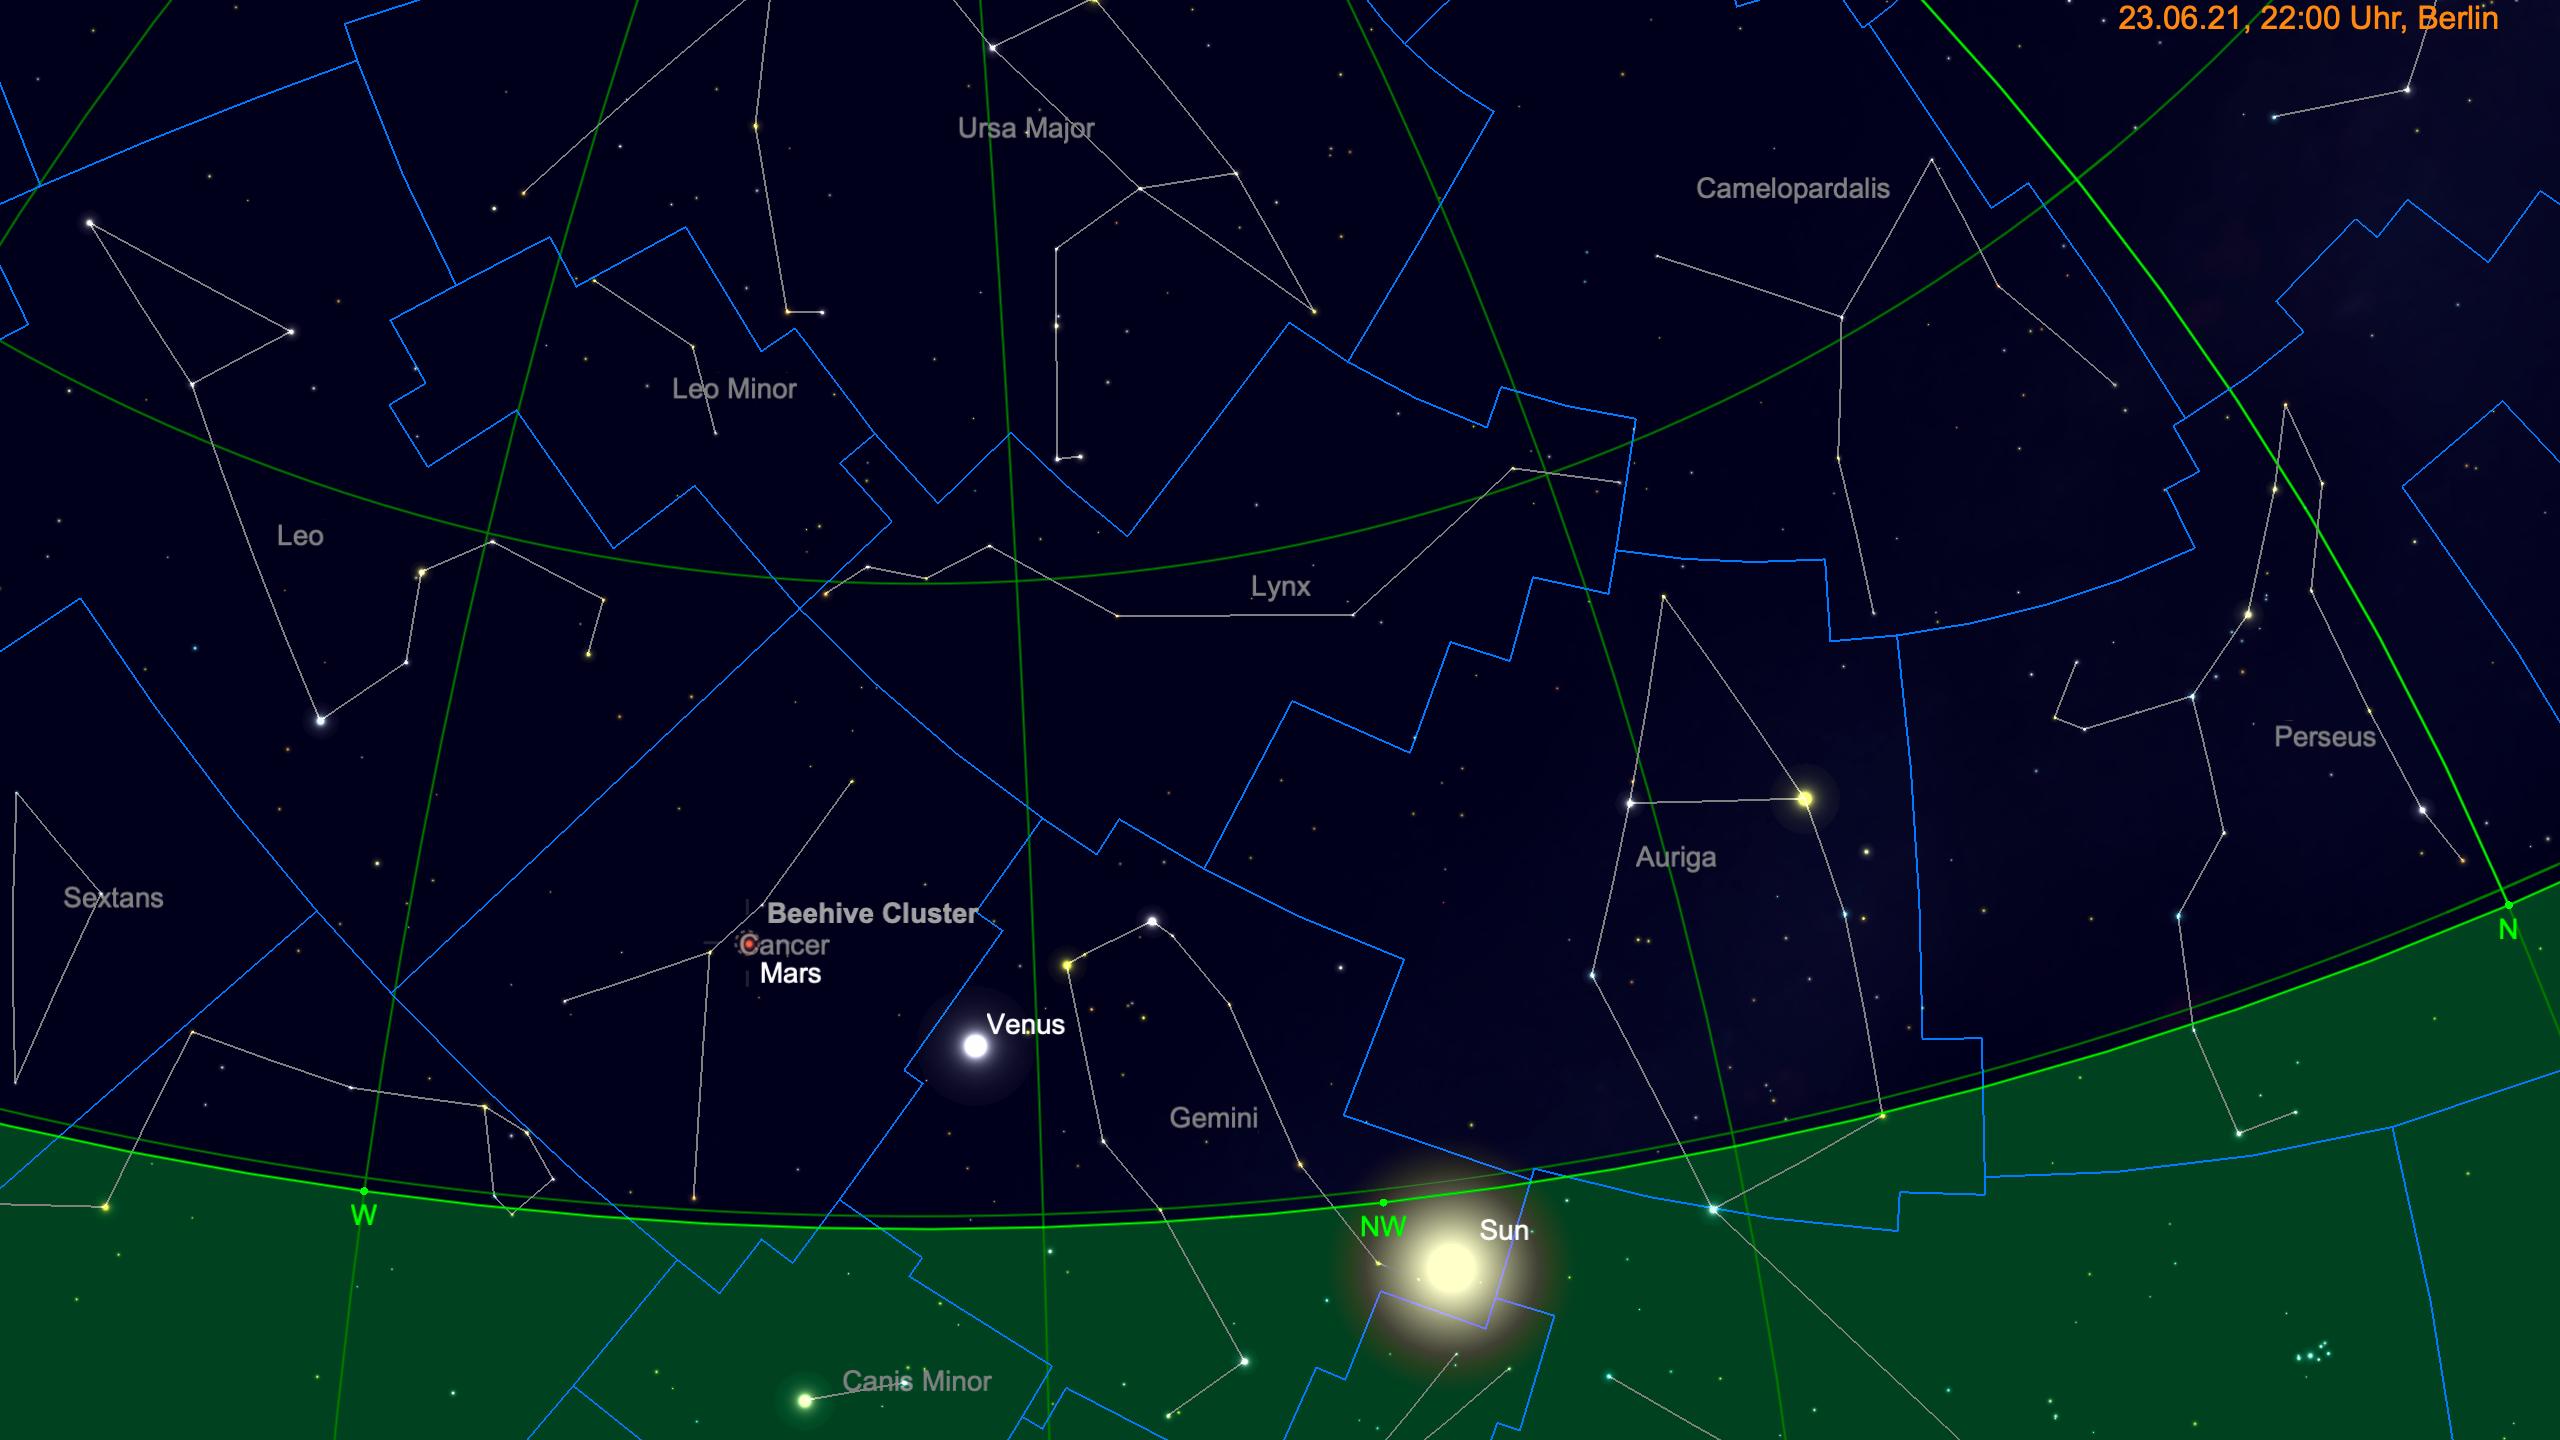 Mars in M44